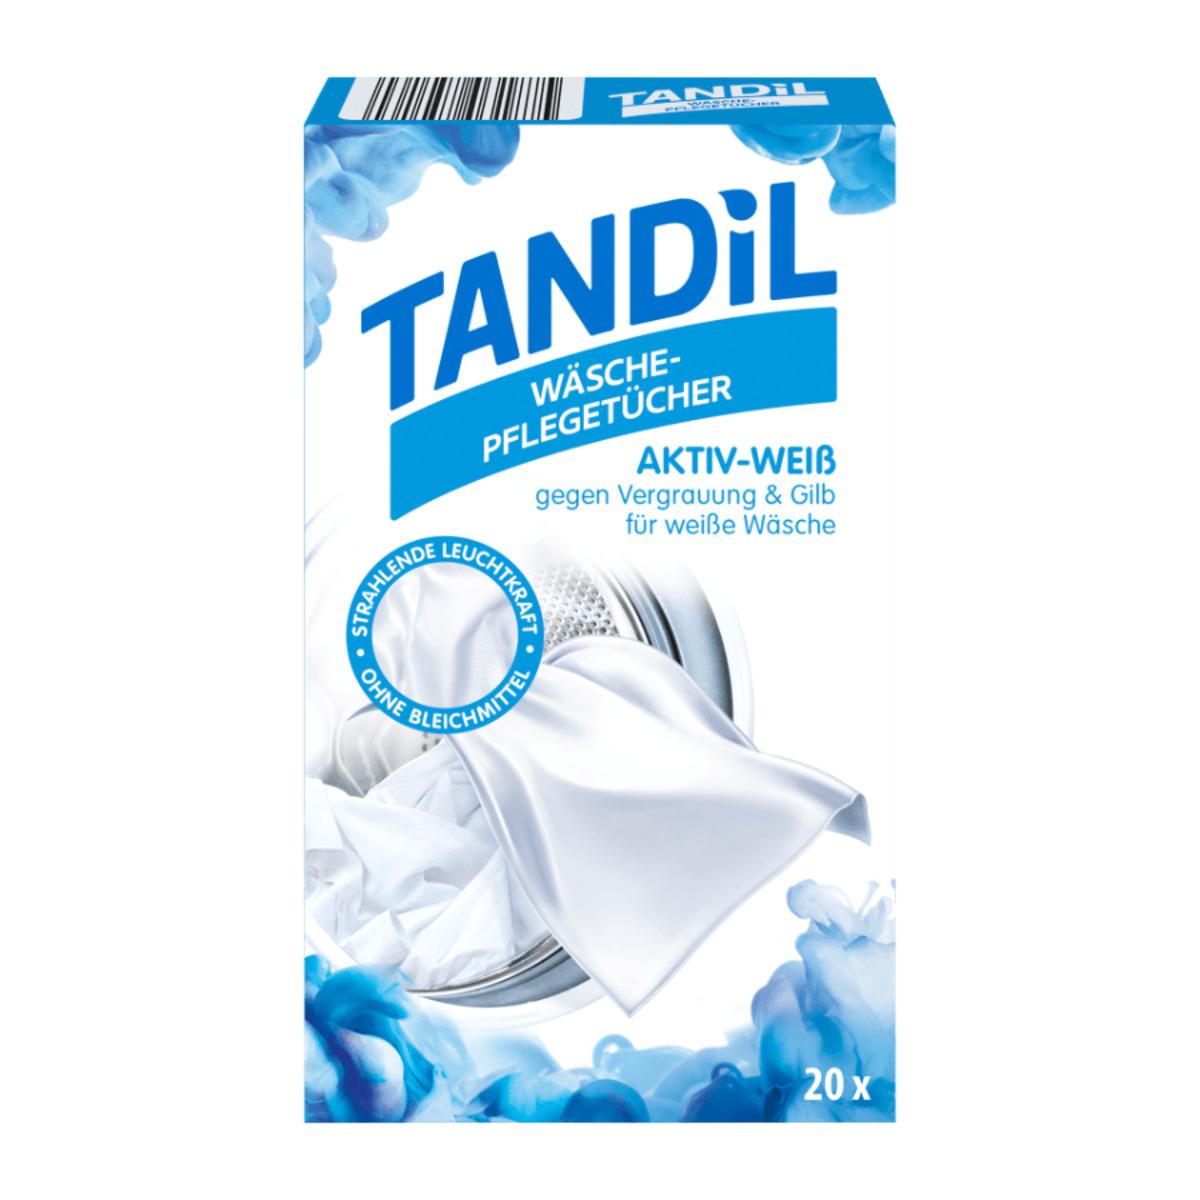 Bild 2 von TANDIL     Wäsche-Pflegetücher